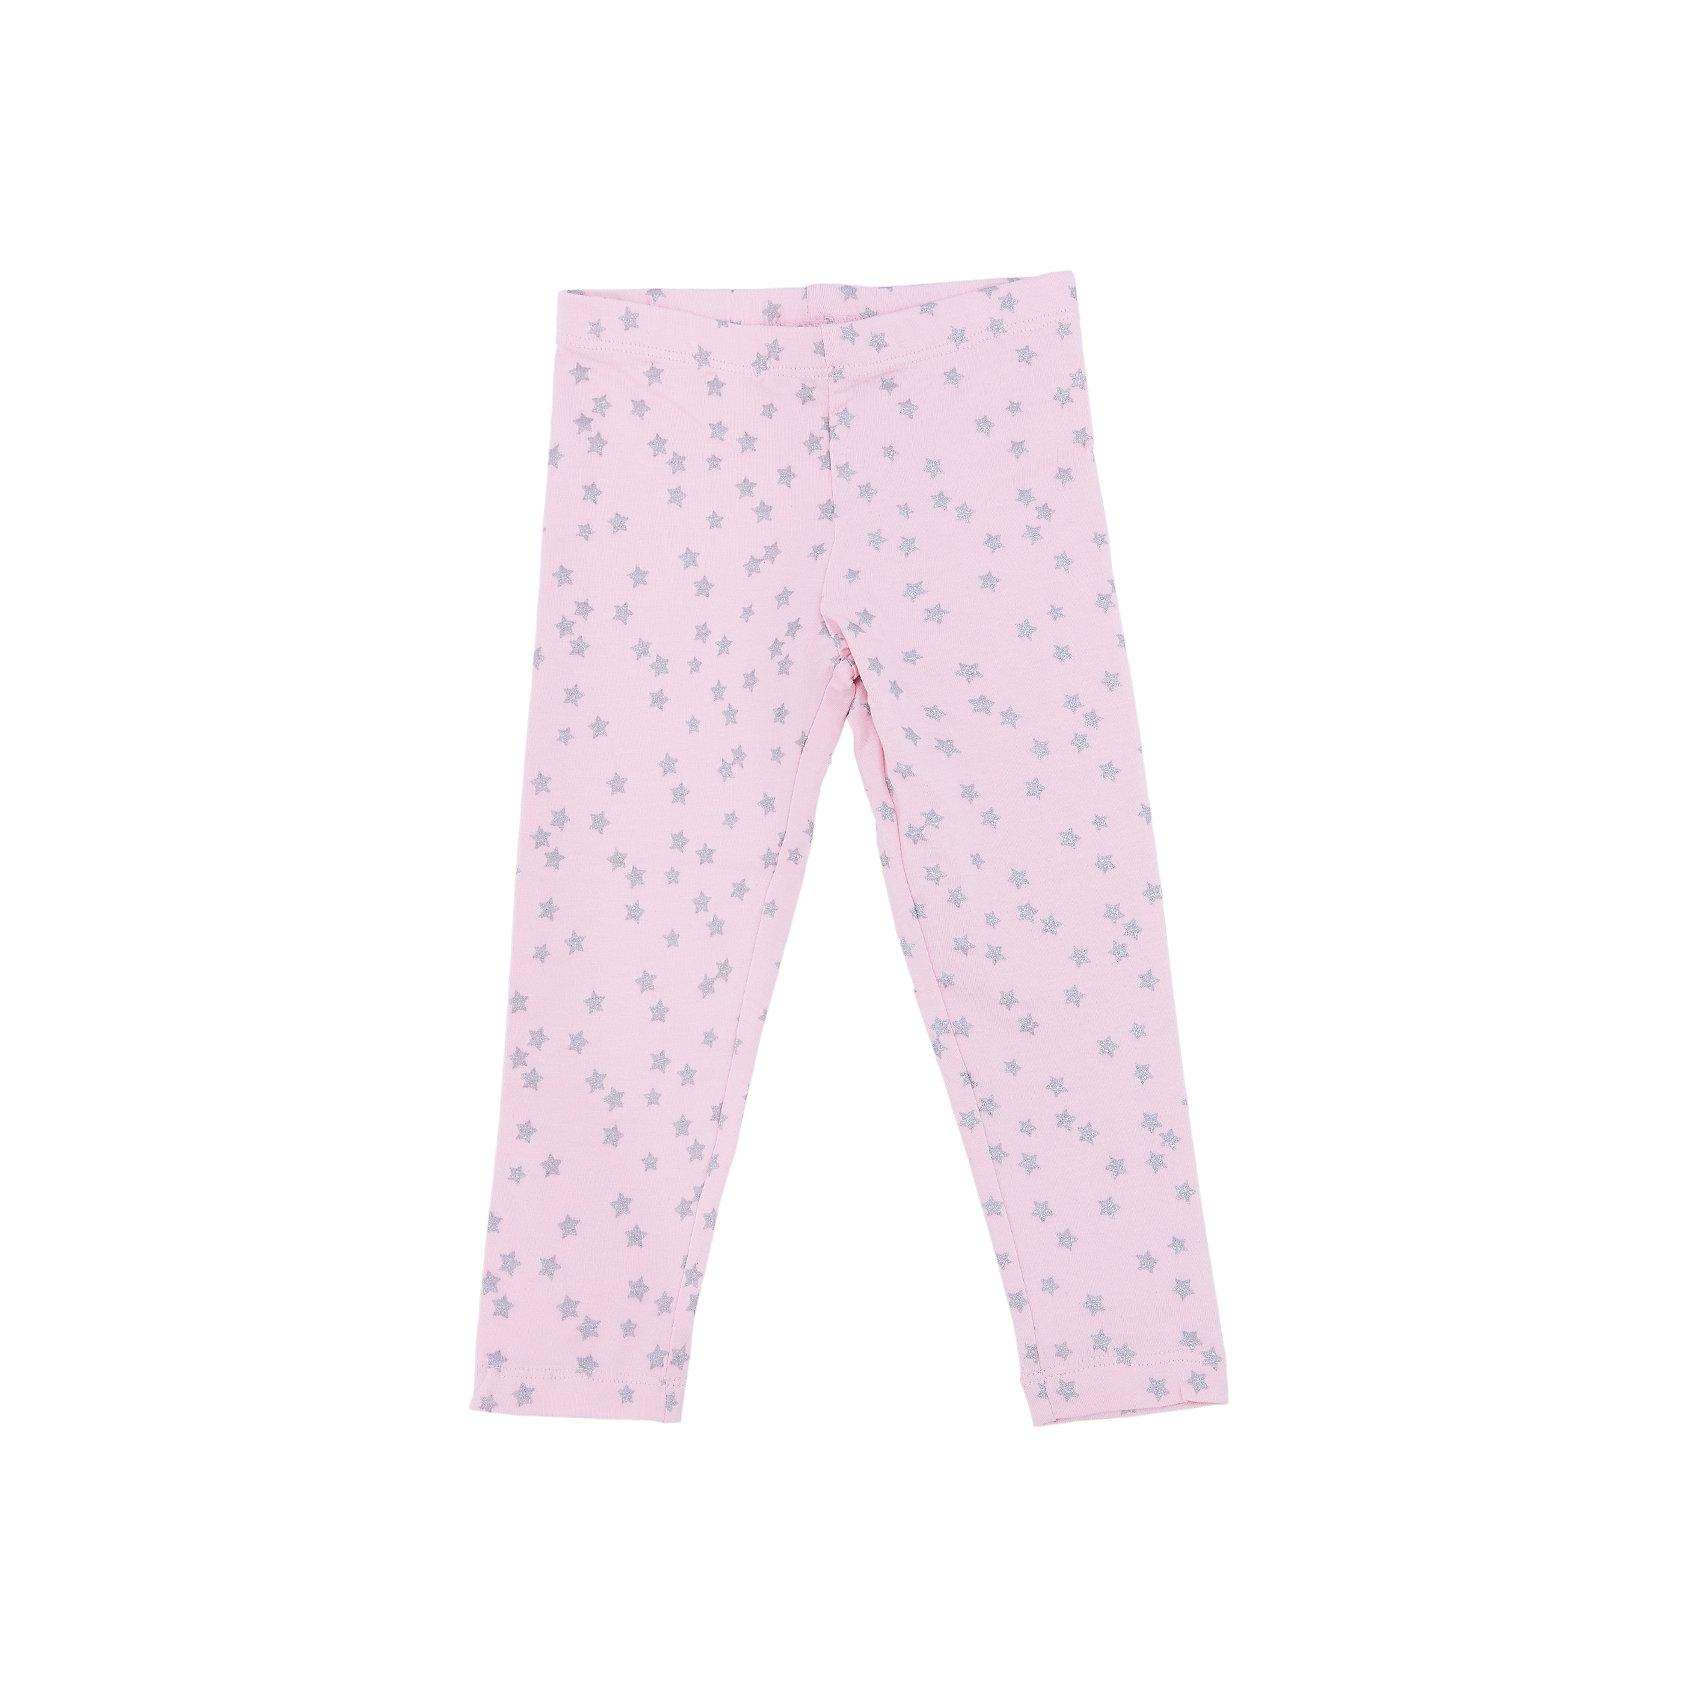 Леггинсы для девочки SELAЛеггинсы<br>Леггинсы для девочки SELA<br><br>Характеристики:<br><br>• Цвет светло-розовый.<br>• Длина полная.<br>• Состав:95% хлопок, 5% эластан.<br><br>Леггинсы для девочки от признанного лидера по созданию коллекций одежды в стиле casual - SELA. Эта модель отлично сидит на ребенке, она сшита из хлопкового трикотажа. Эти красивые брючки светло- розового цвета украшены принтом- блестящими звездочками. Пояс на мягкой резинке. Натуральный хлопок в составе изделия делает его дышащим, приятным на ощупь и гипоаллергенным. Модель станет удобной универсальной вещью для занятий спортом и прогулок, которая будет уместна в различных сочетаниях.<br><br>Брюки для девочки SELA, можно купить в нашем интернет - магазине.<br><br>Ширина мм: 215<br>Глубина мм: 88<br>Высота мм: 191<br>Вес г: 336<br>Цвет: розовый<br>Возраст от месяцев: 60<br>Возраст до месяцев: 72<br>Пол: Женский<br>Возраст: Детский<br>Размер: 116,92,98,104,110<br>SKU: 5020239